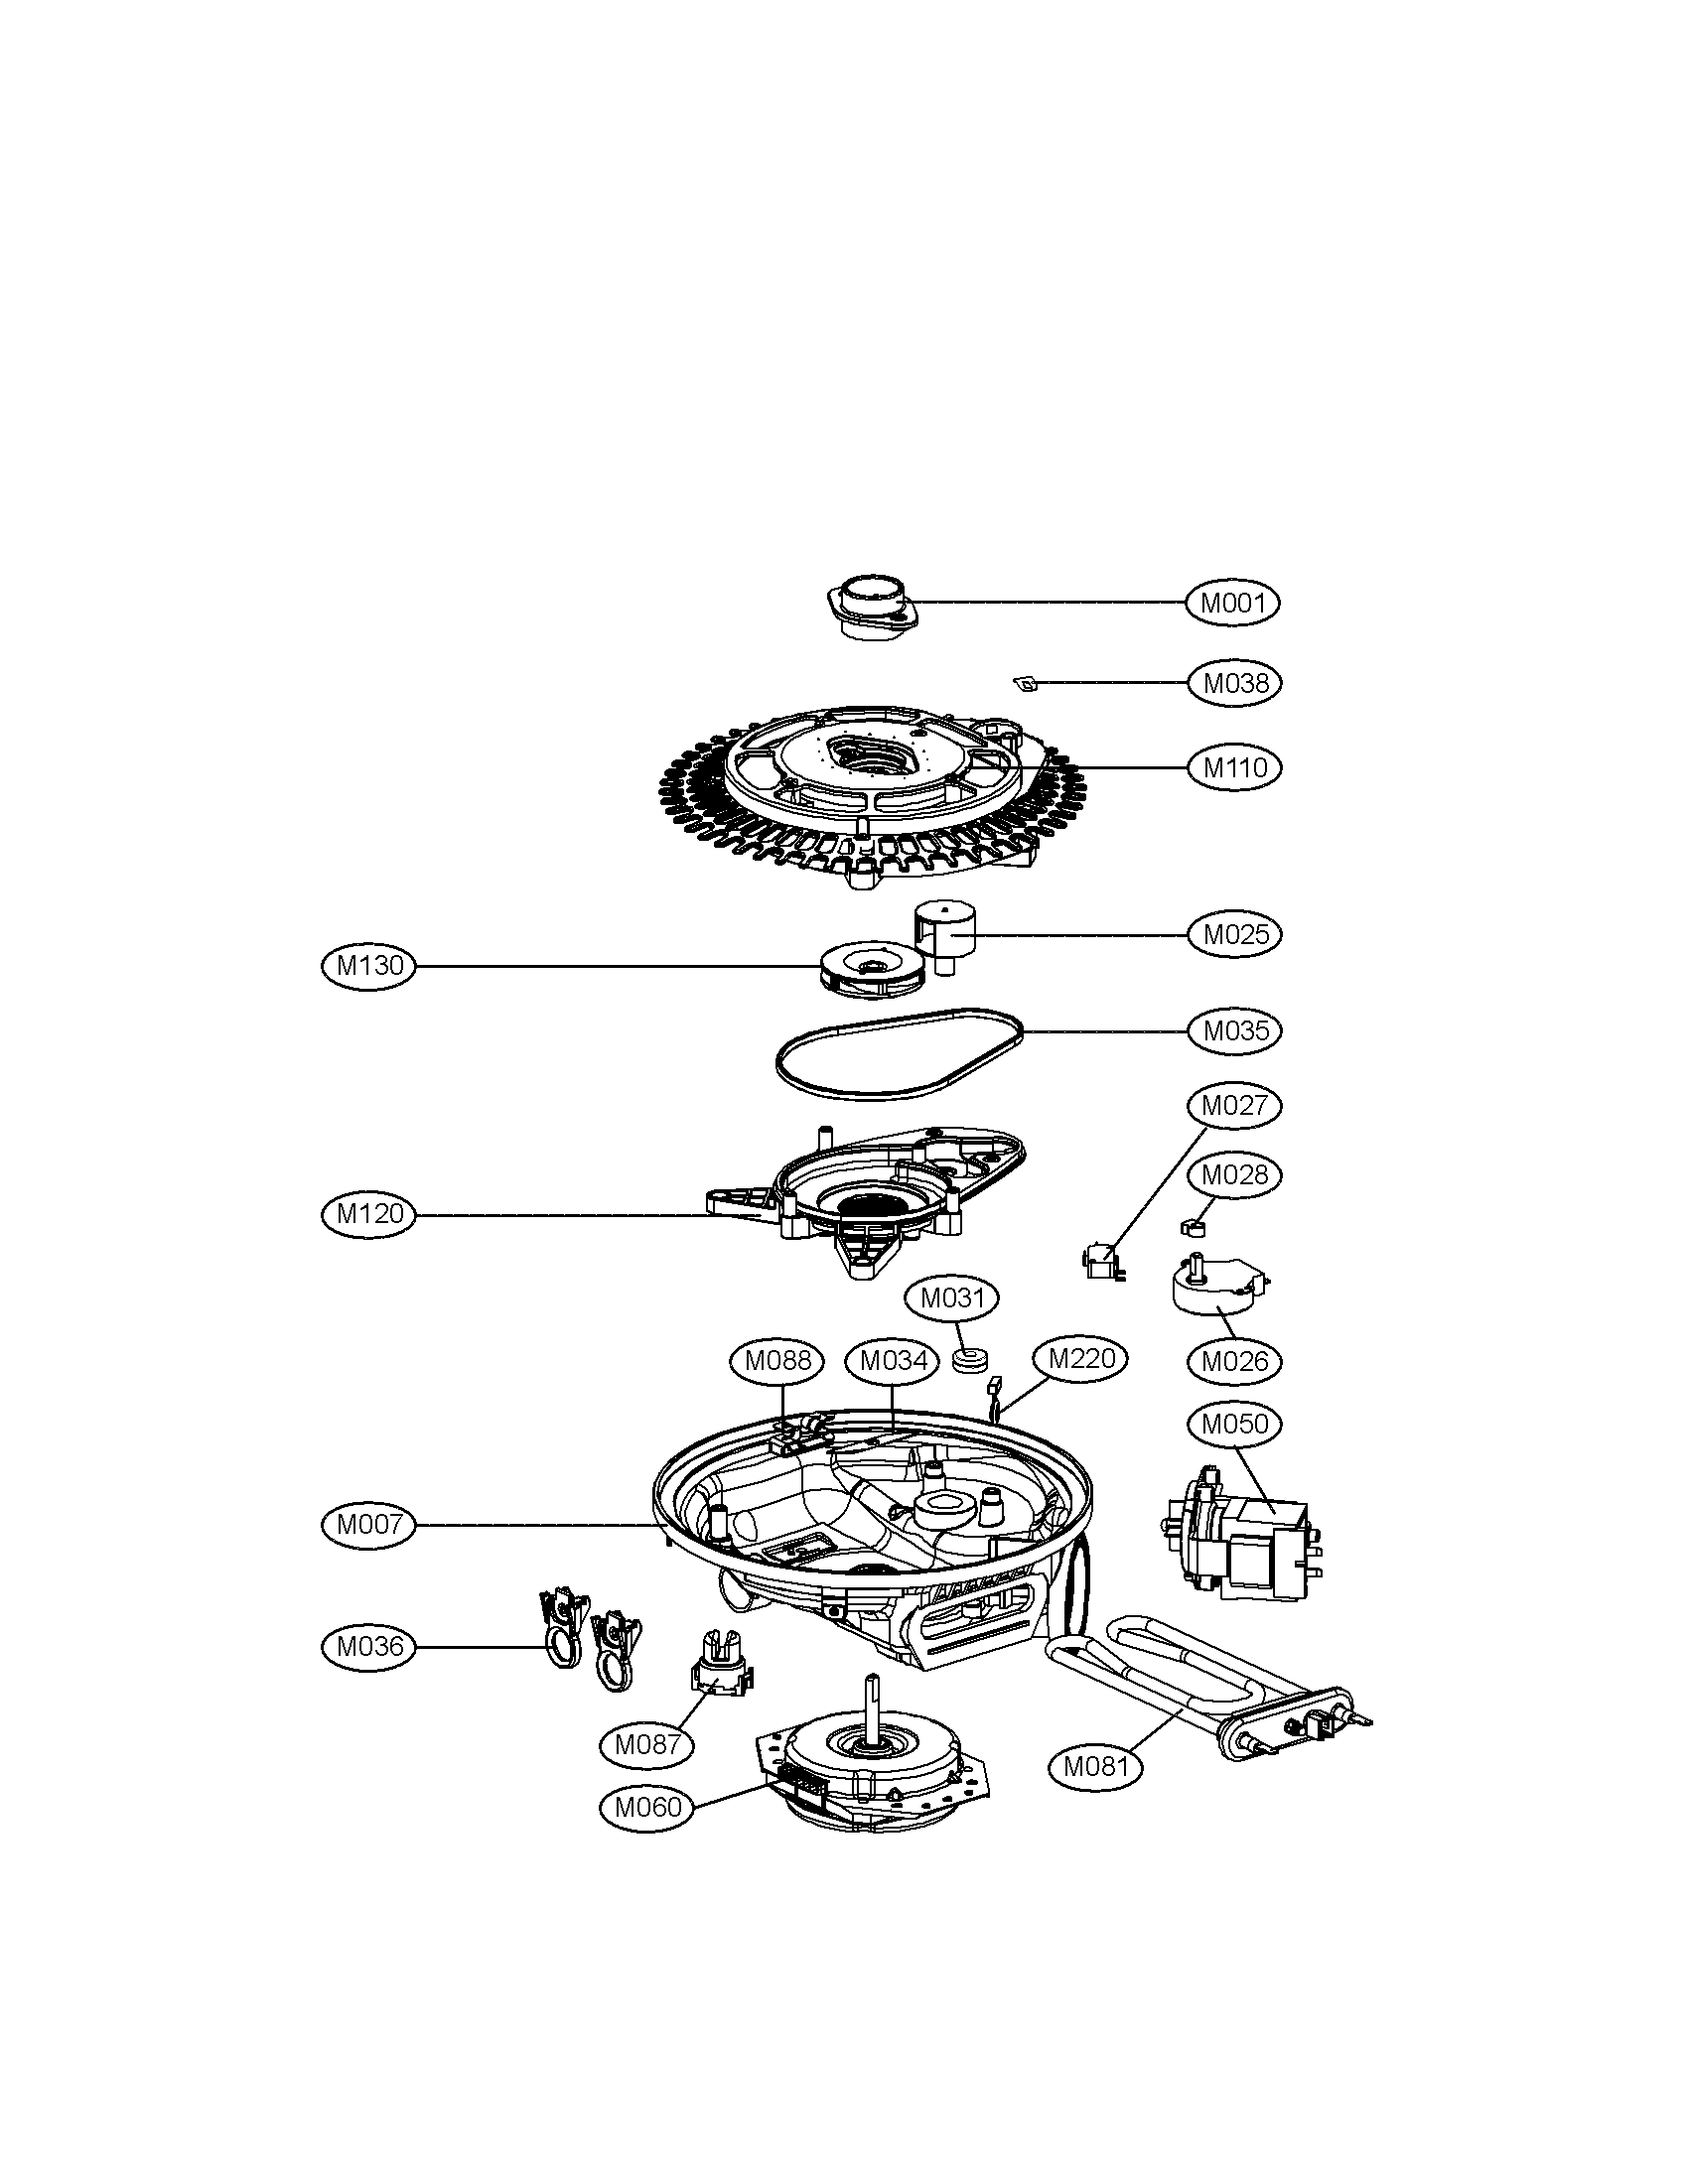 Wiring Diagram: 32 Lg Dishwasher Parts Diagram